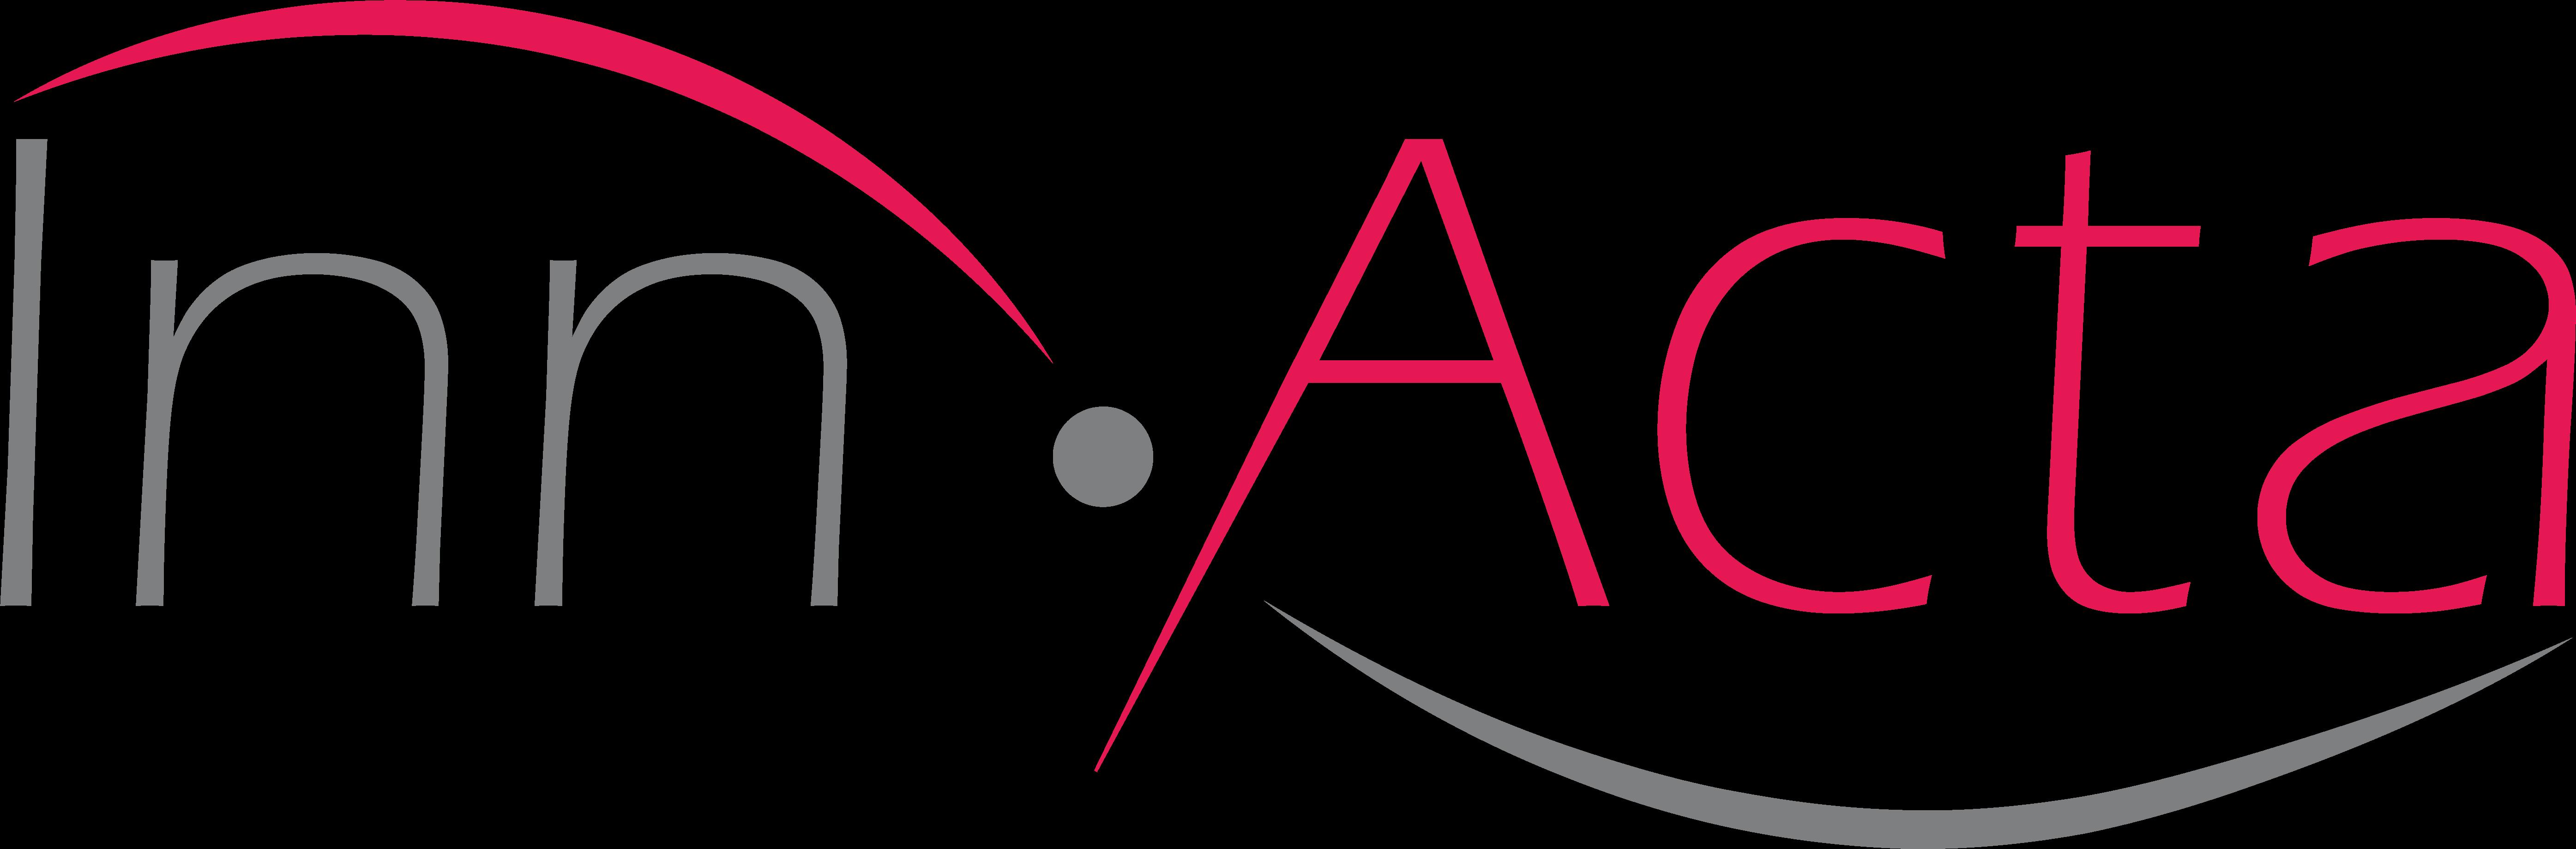 INN-ACTA